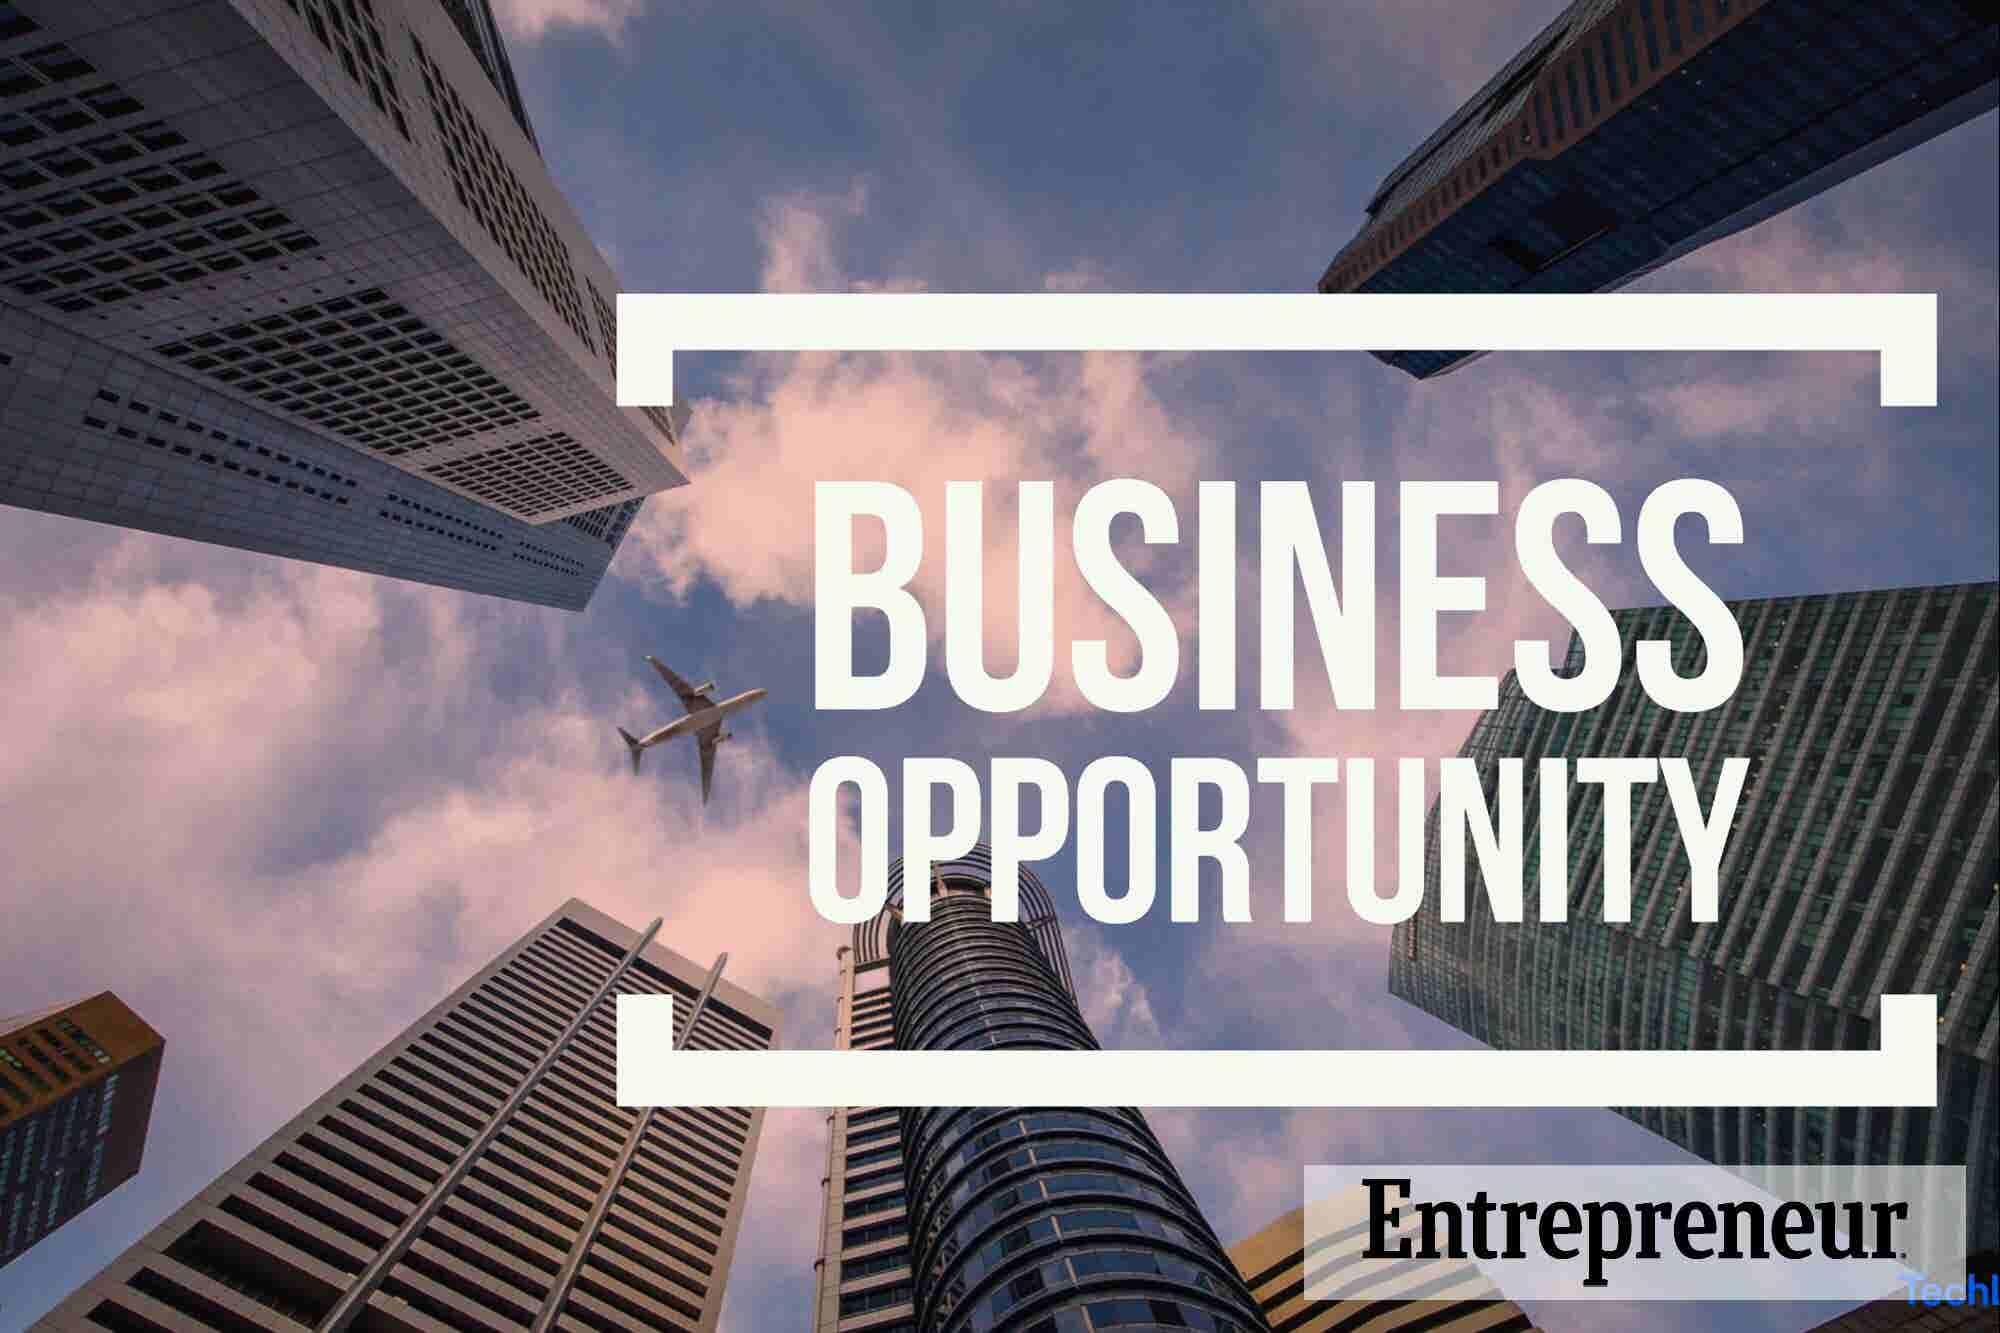 3 ეფექტური გზა კარგი ბიზნესშესაძლებლობის აღმოსაჩენად